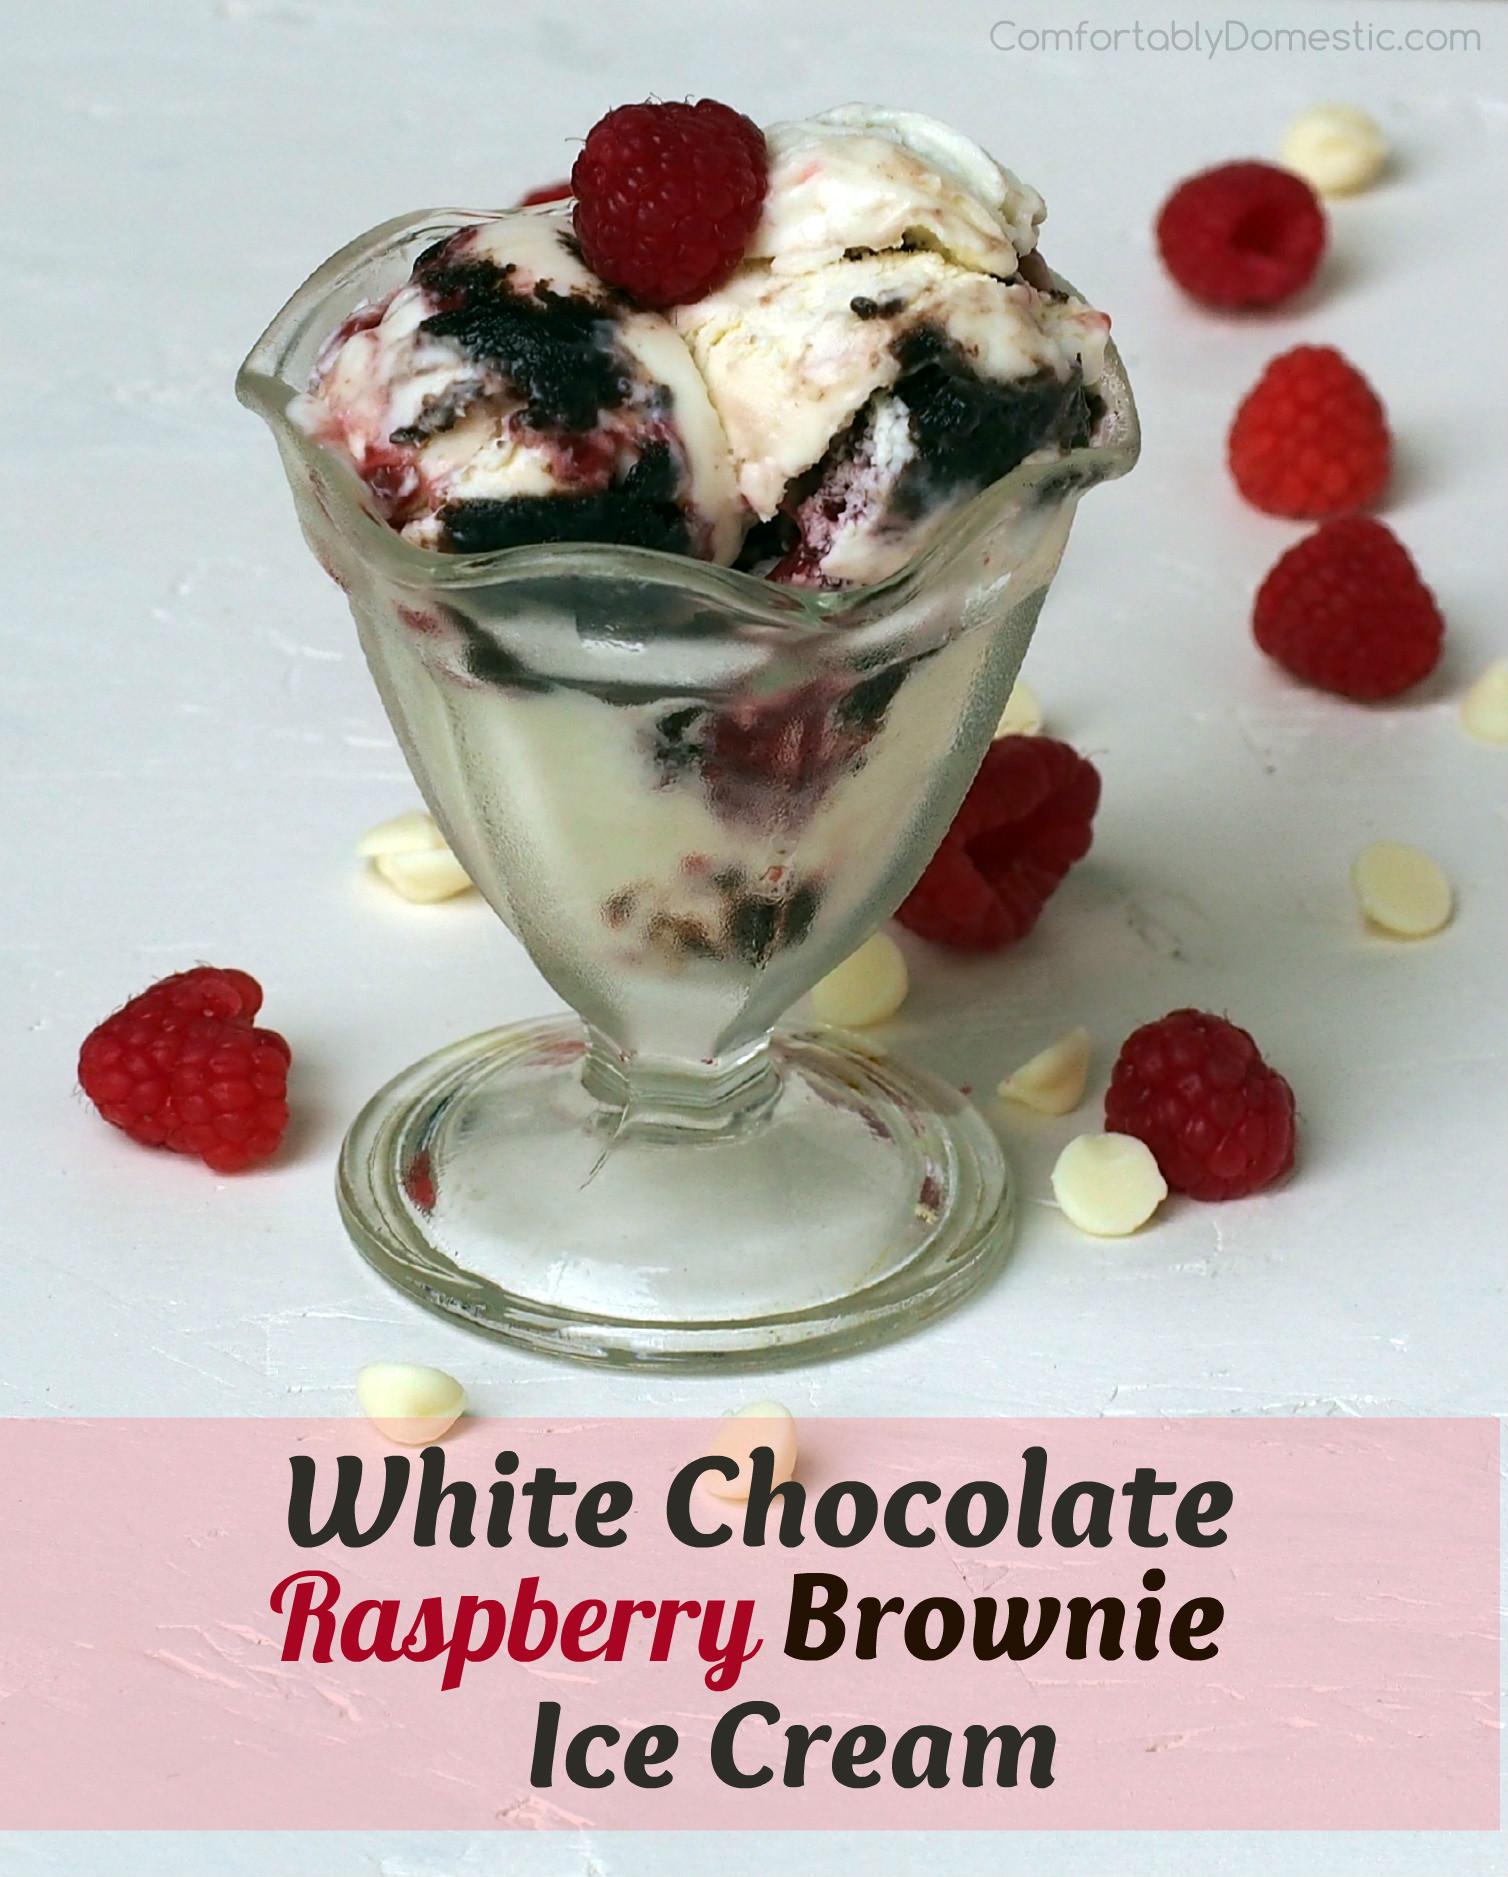 White-Chocolate-Raspberry-Brownie-Ice-Cream